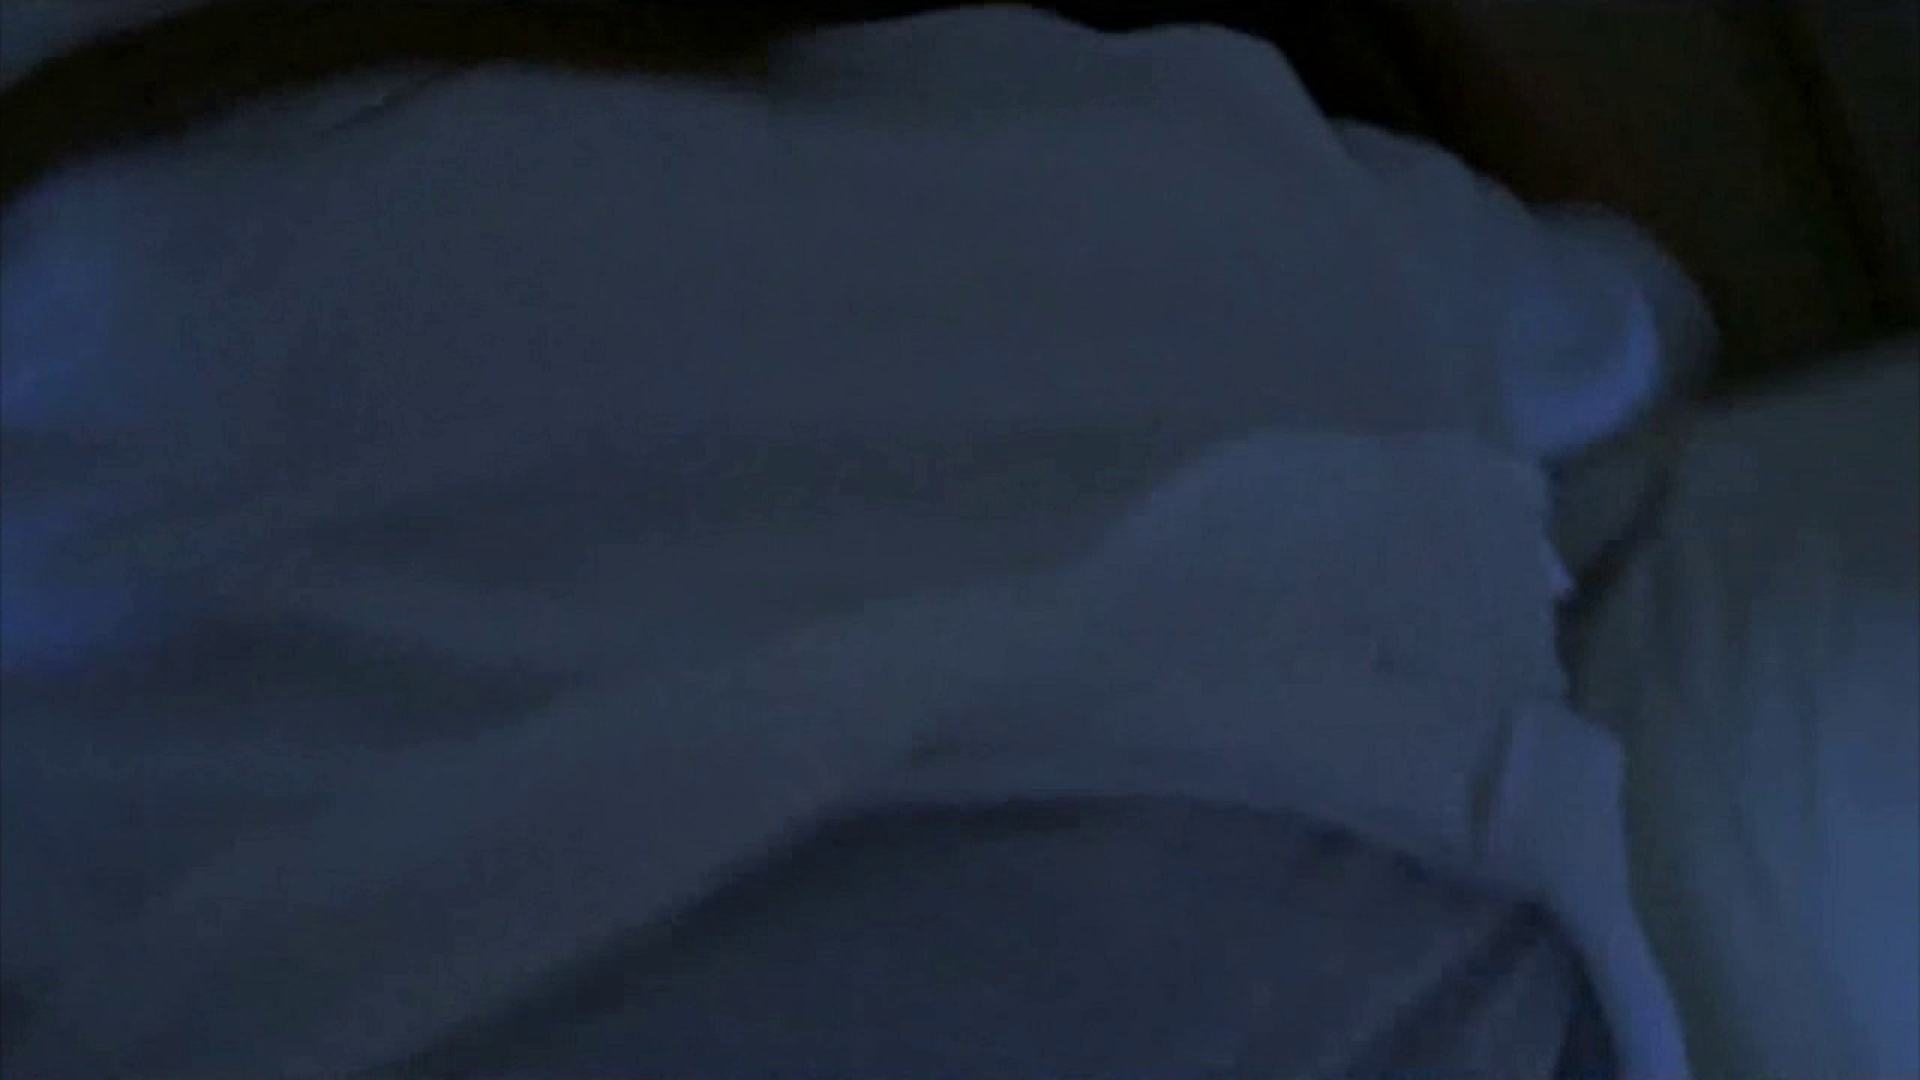 vol.6 -後編-ユリナちゃん妊娠したら責任取るからね・・・【MKB44位】 セックス おまんこ動画流出 100画像 12